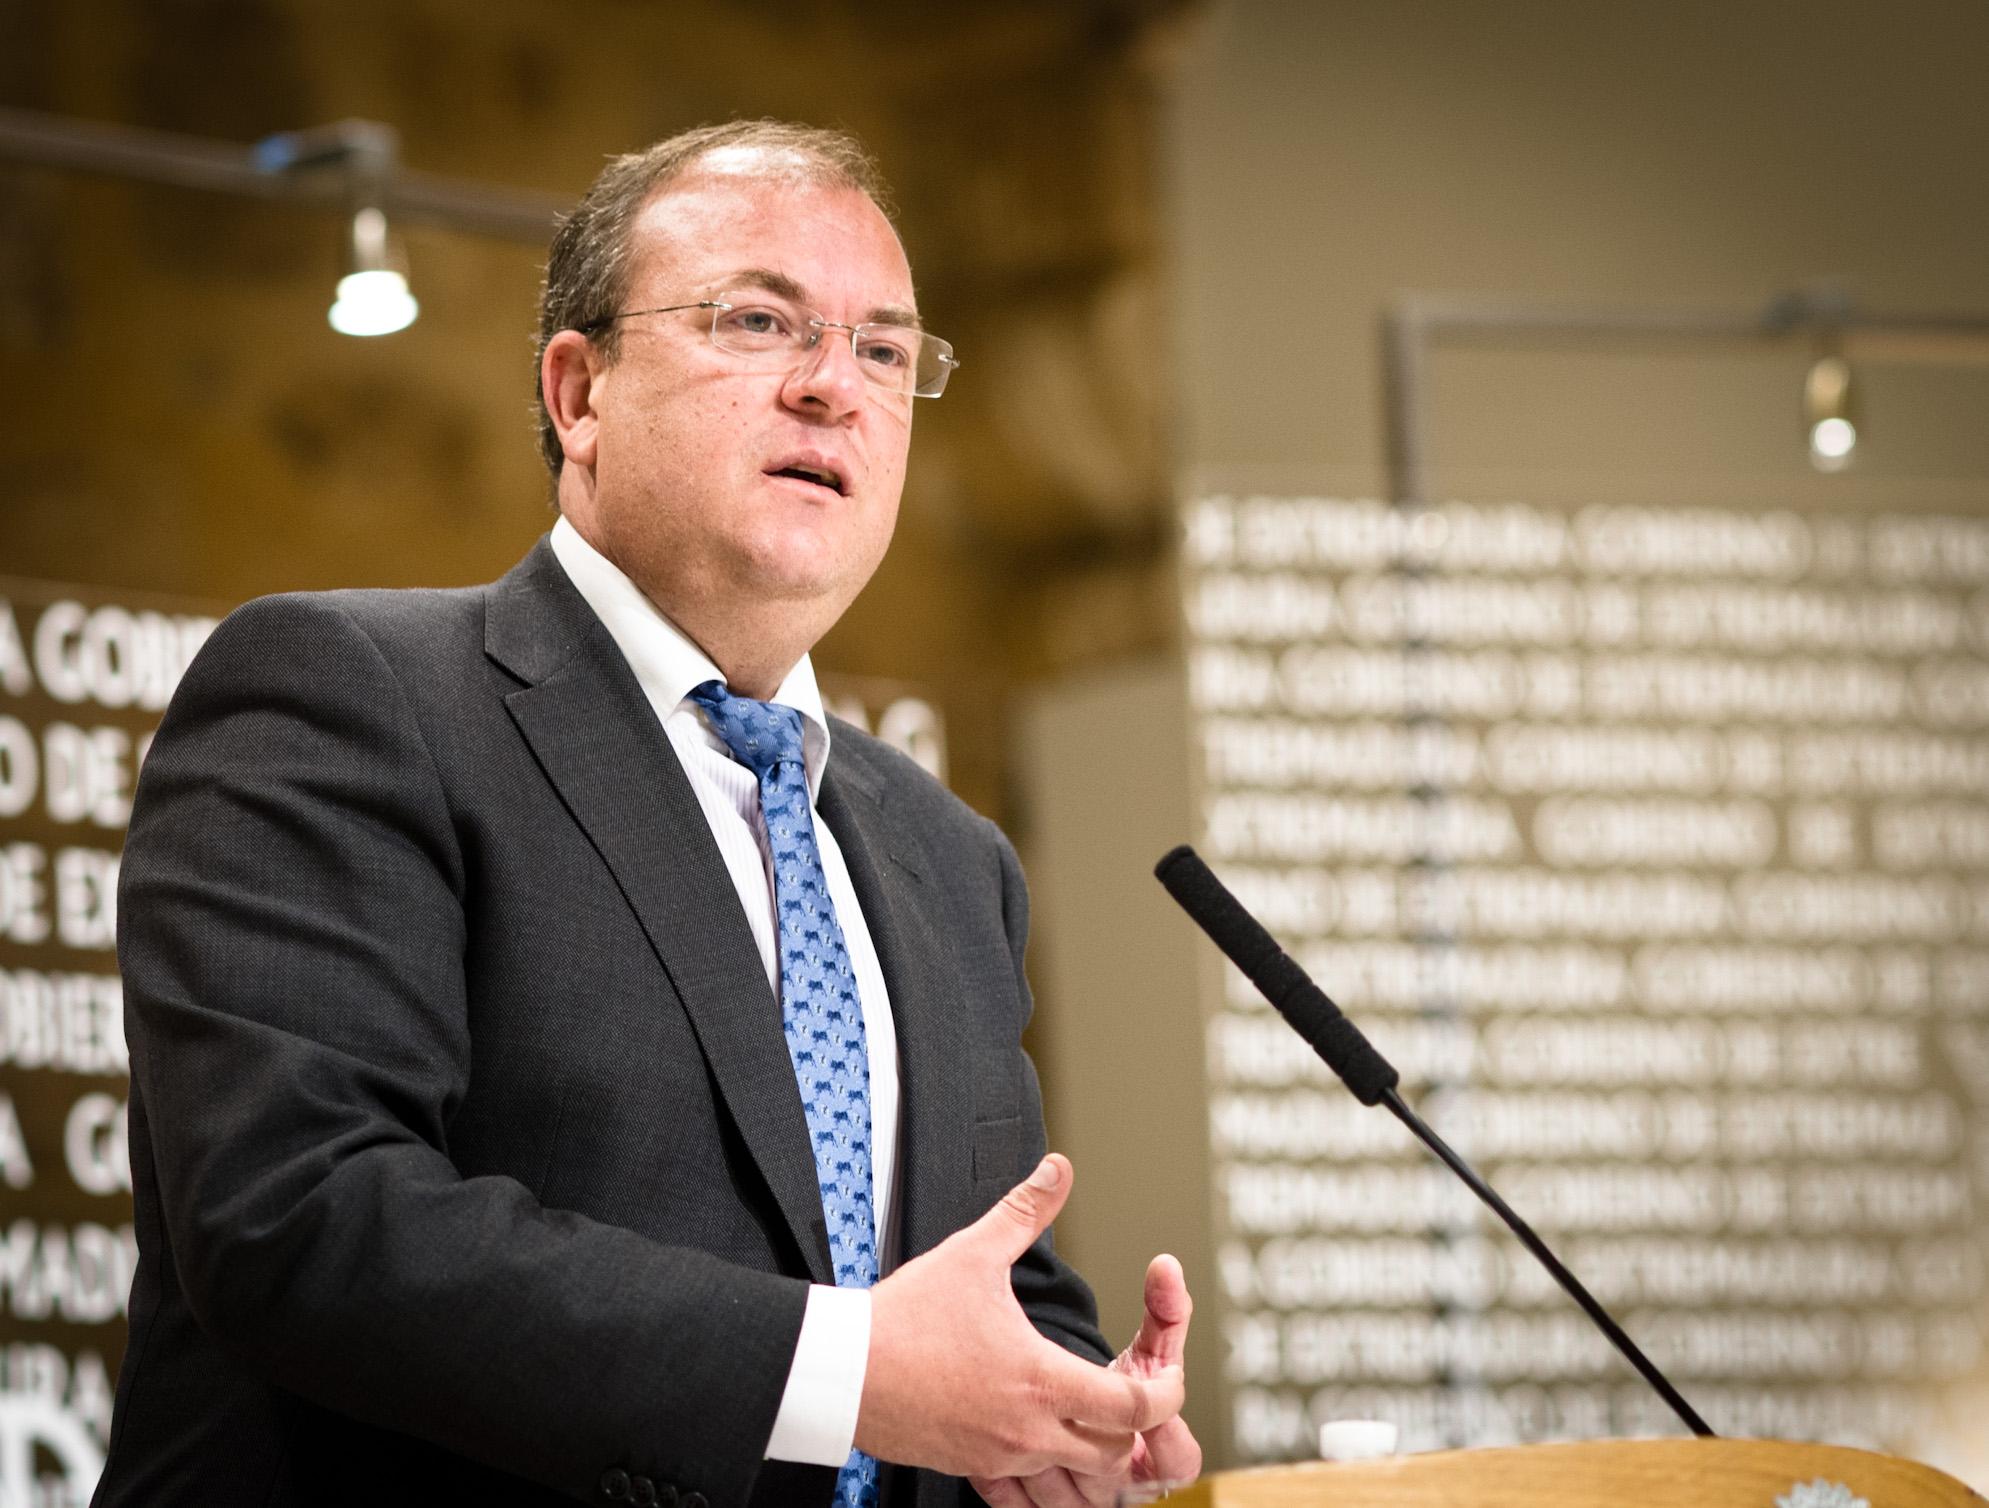 El presidente extremeño, José Antonio Monago, visita este miércoles Torrejoncillo